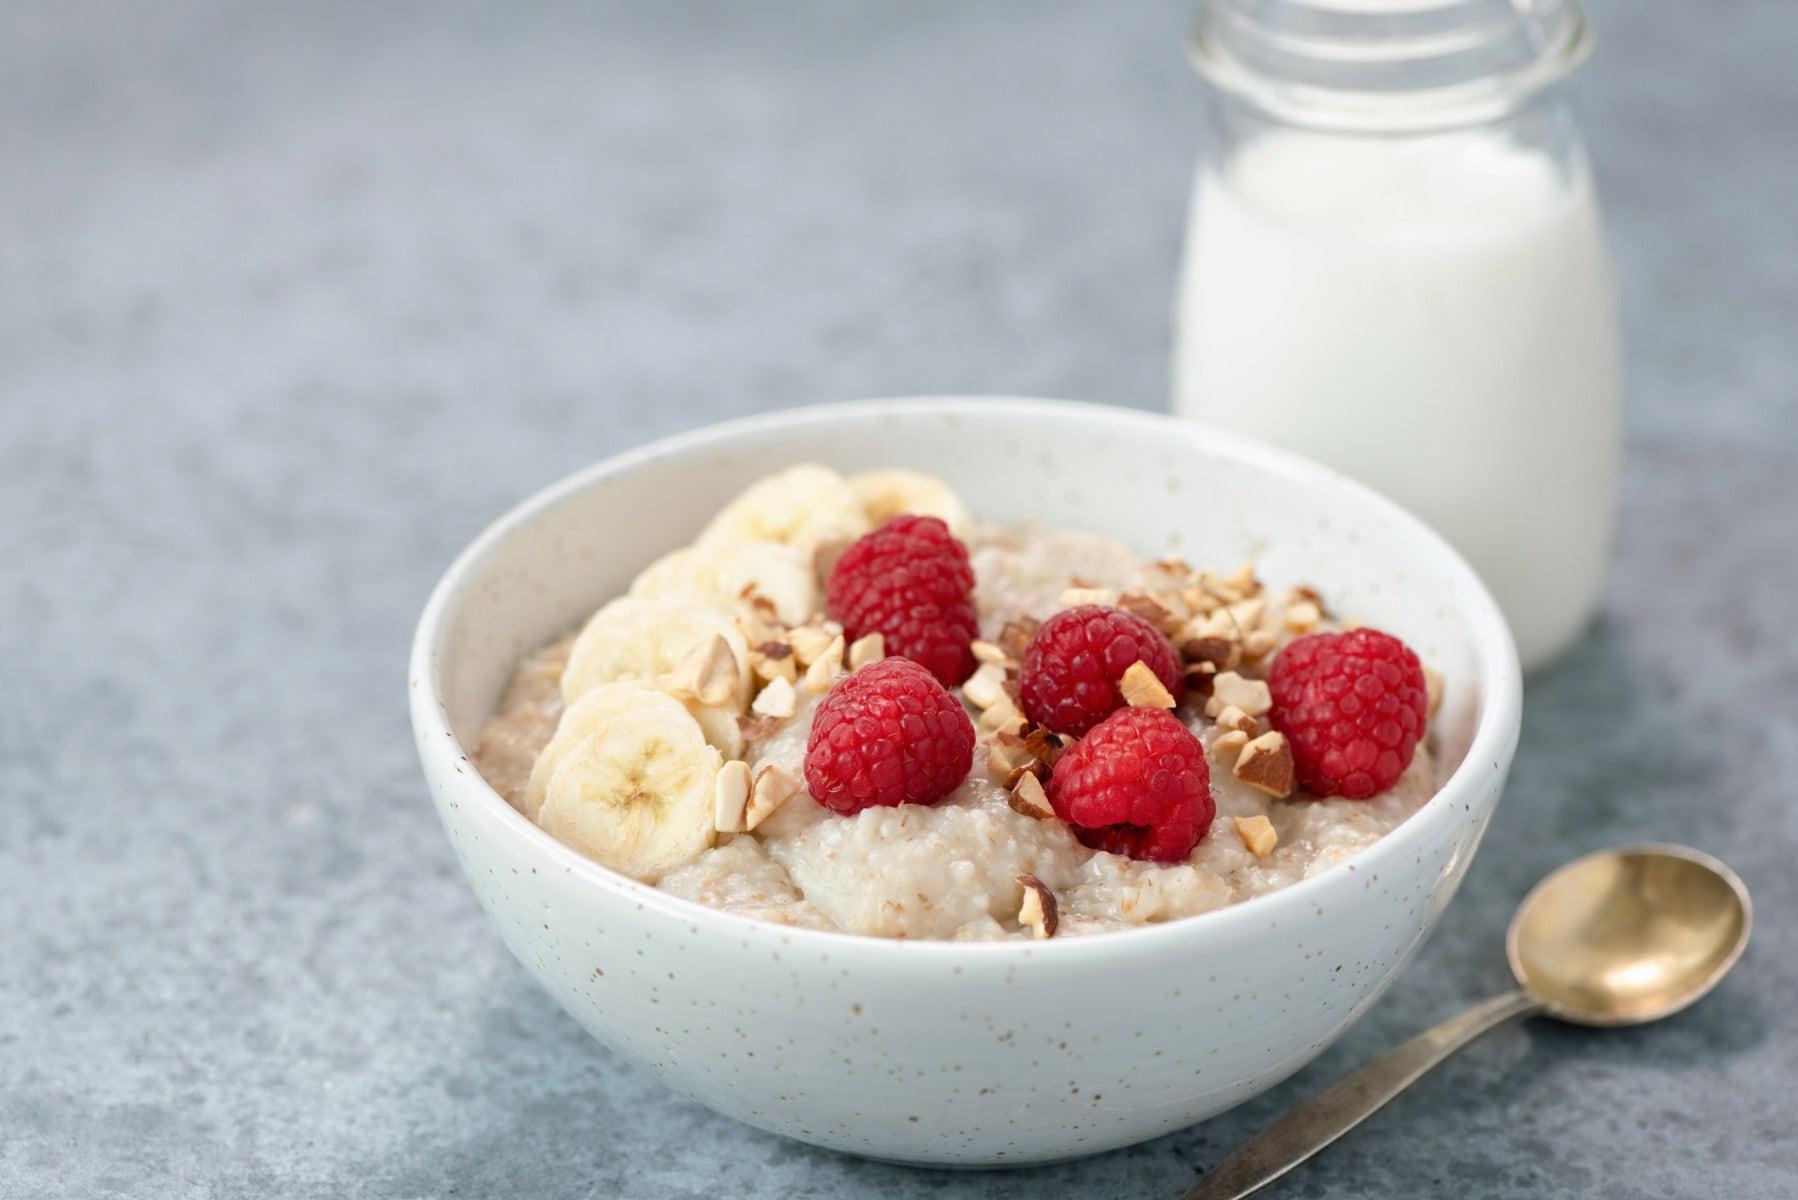 Comment composer un petit déjeuner équilibré peu calorique ?